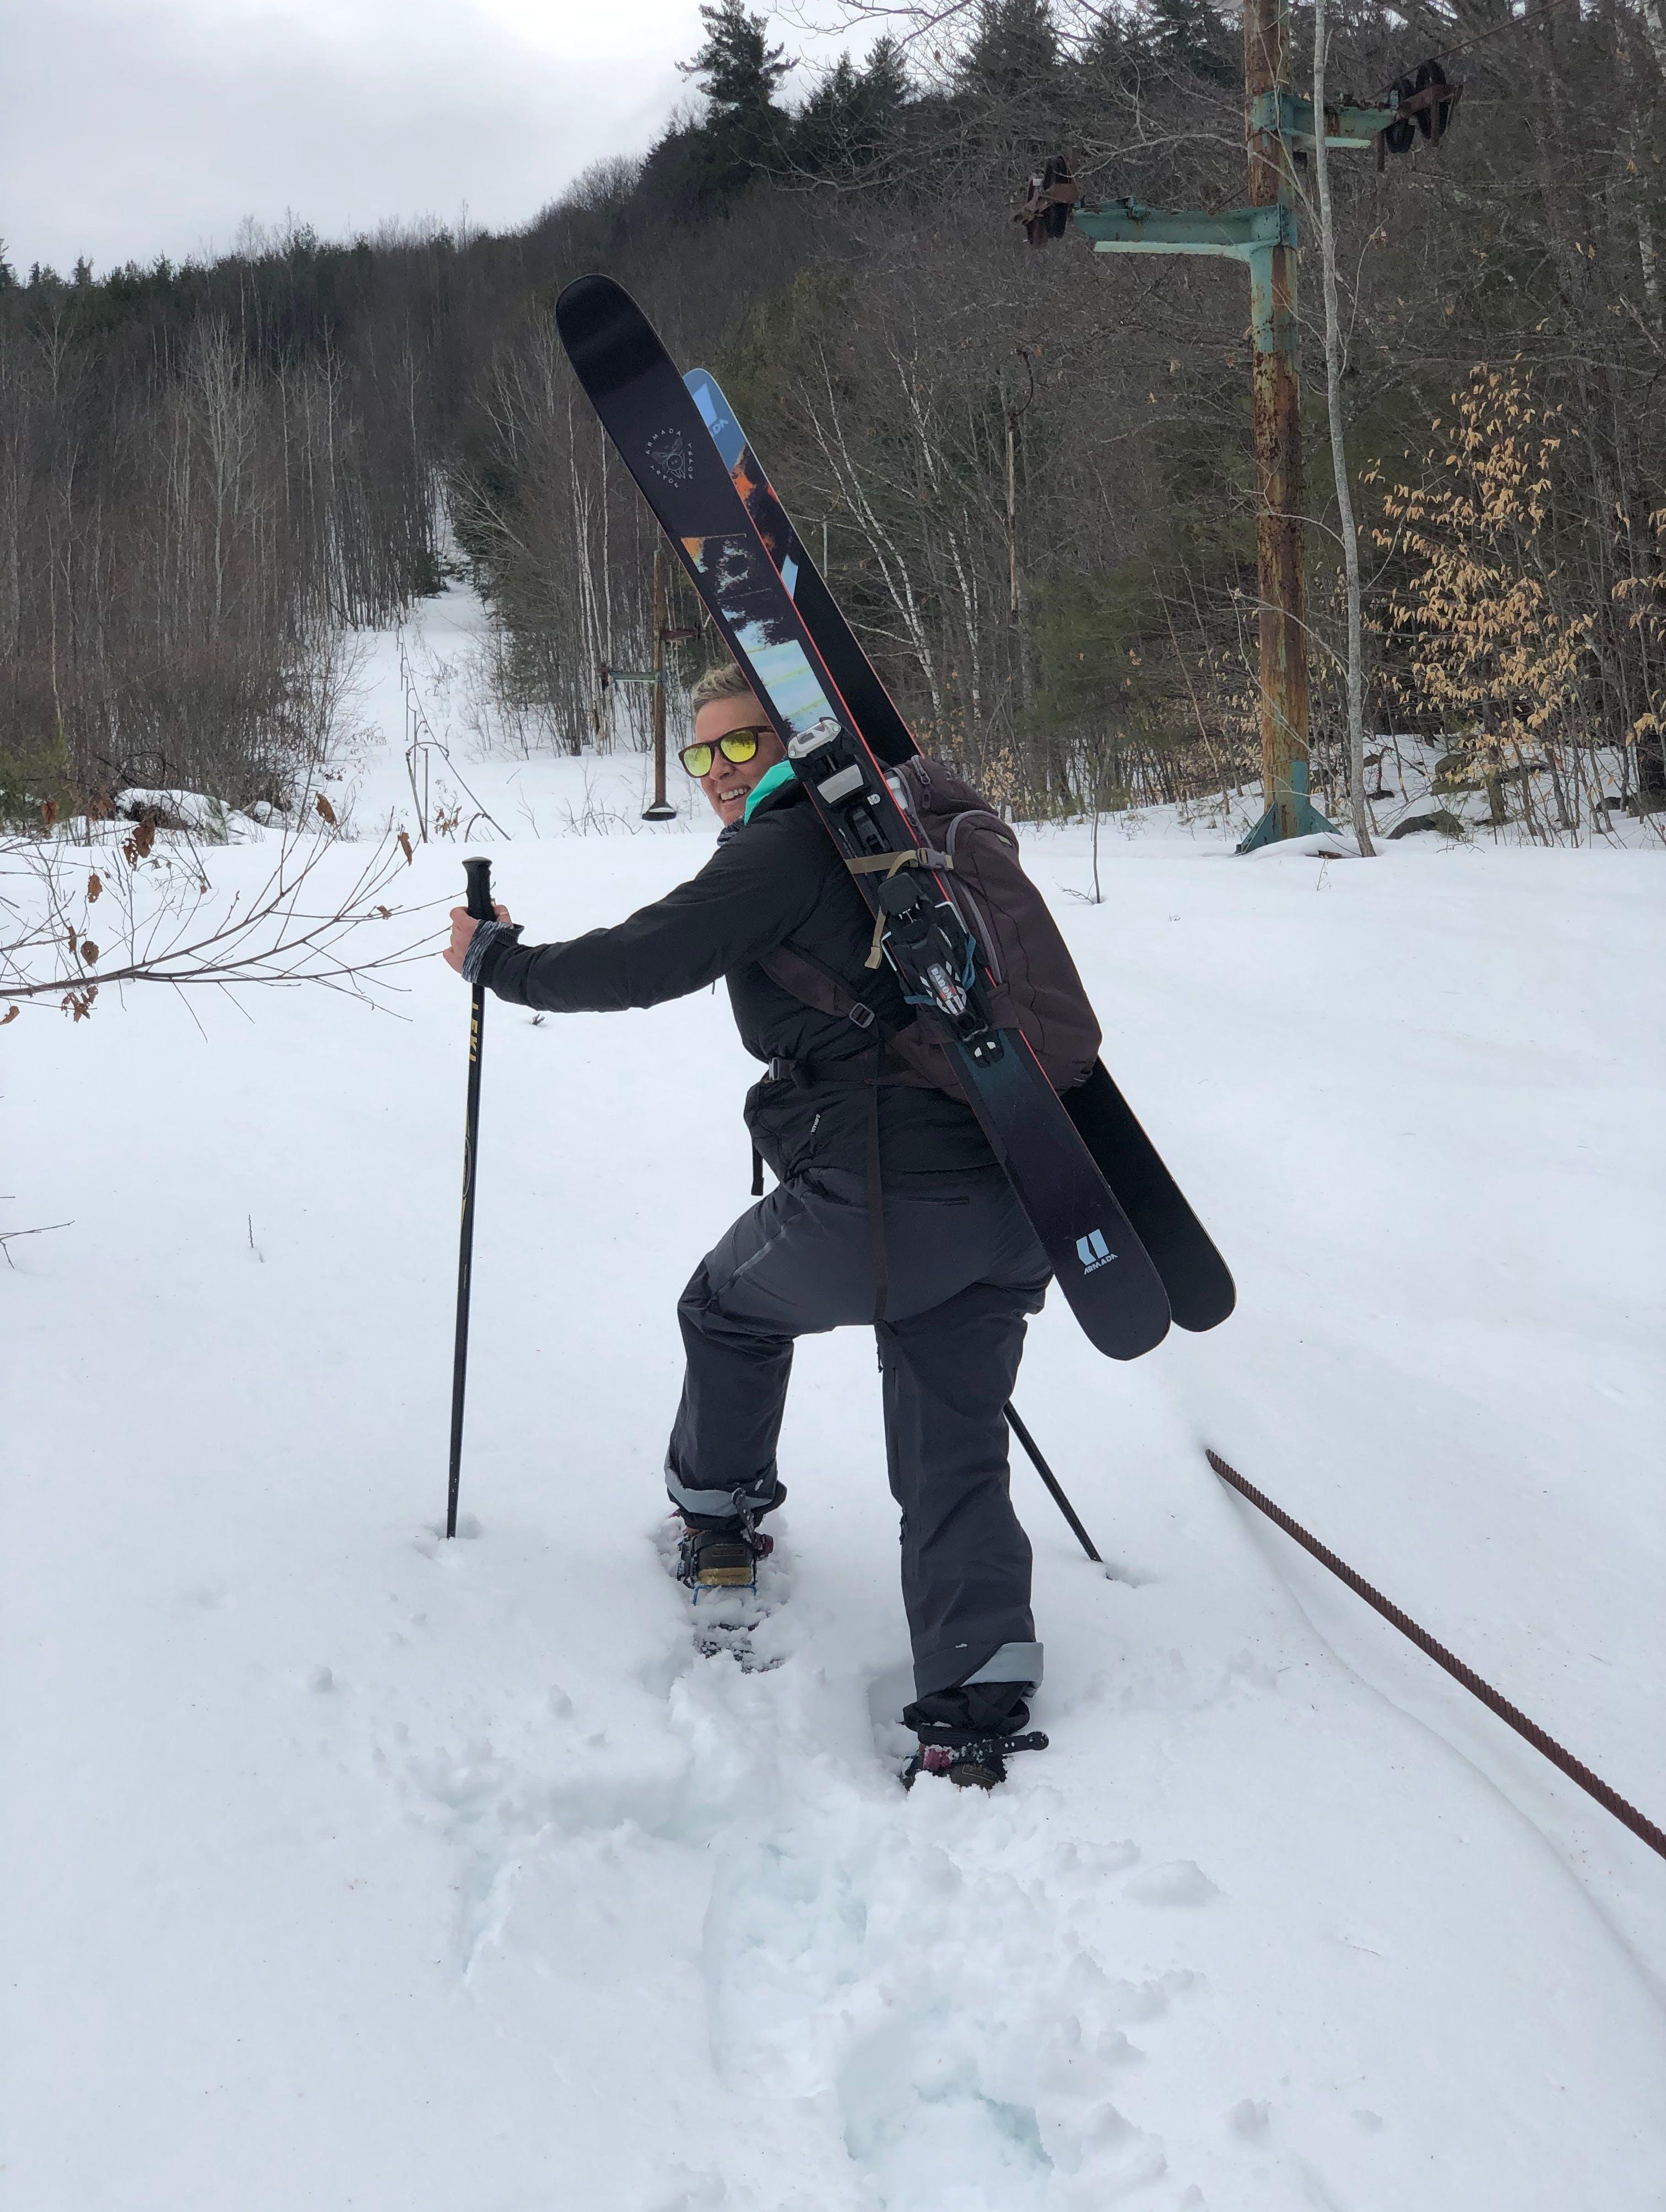 Ski Expert Paige Rines